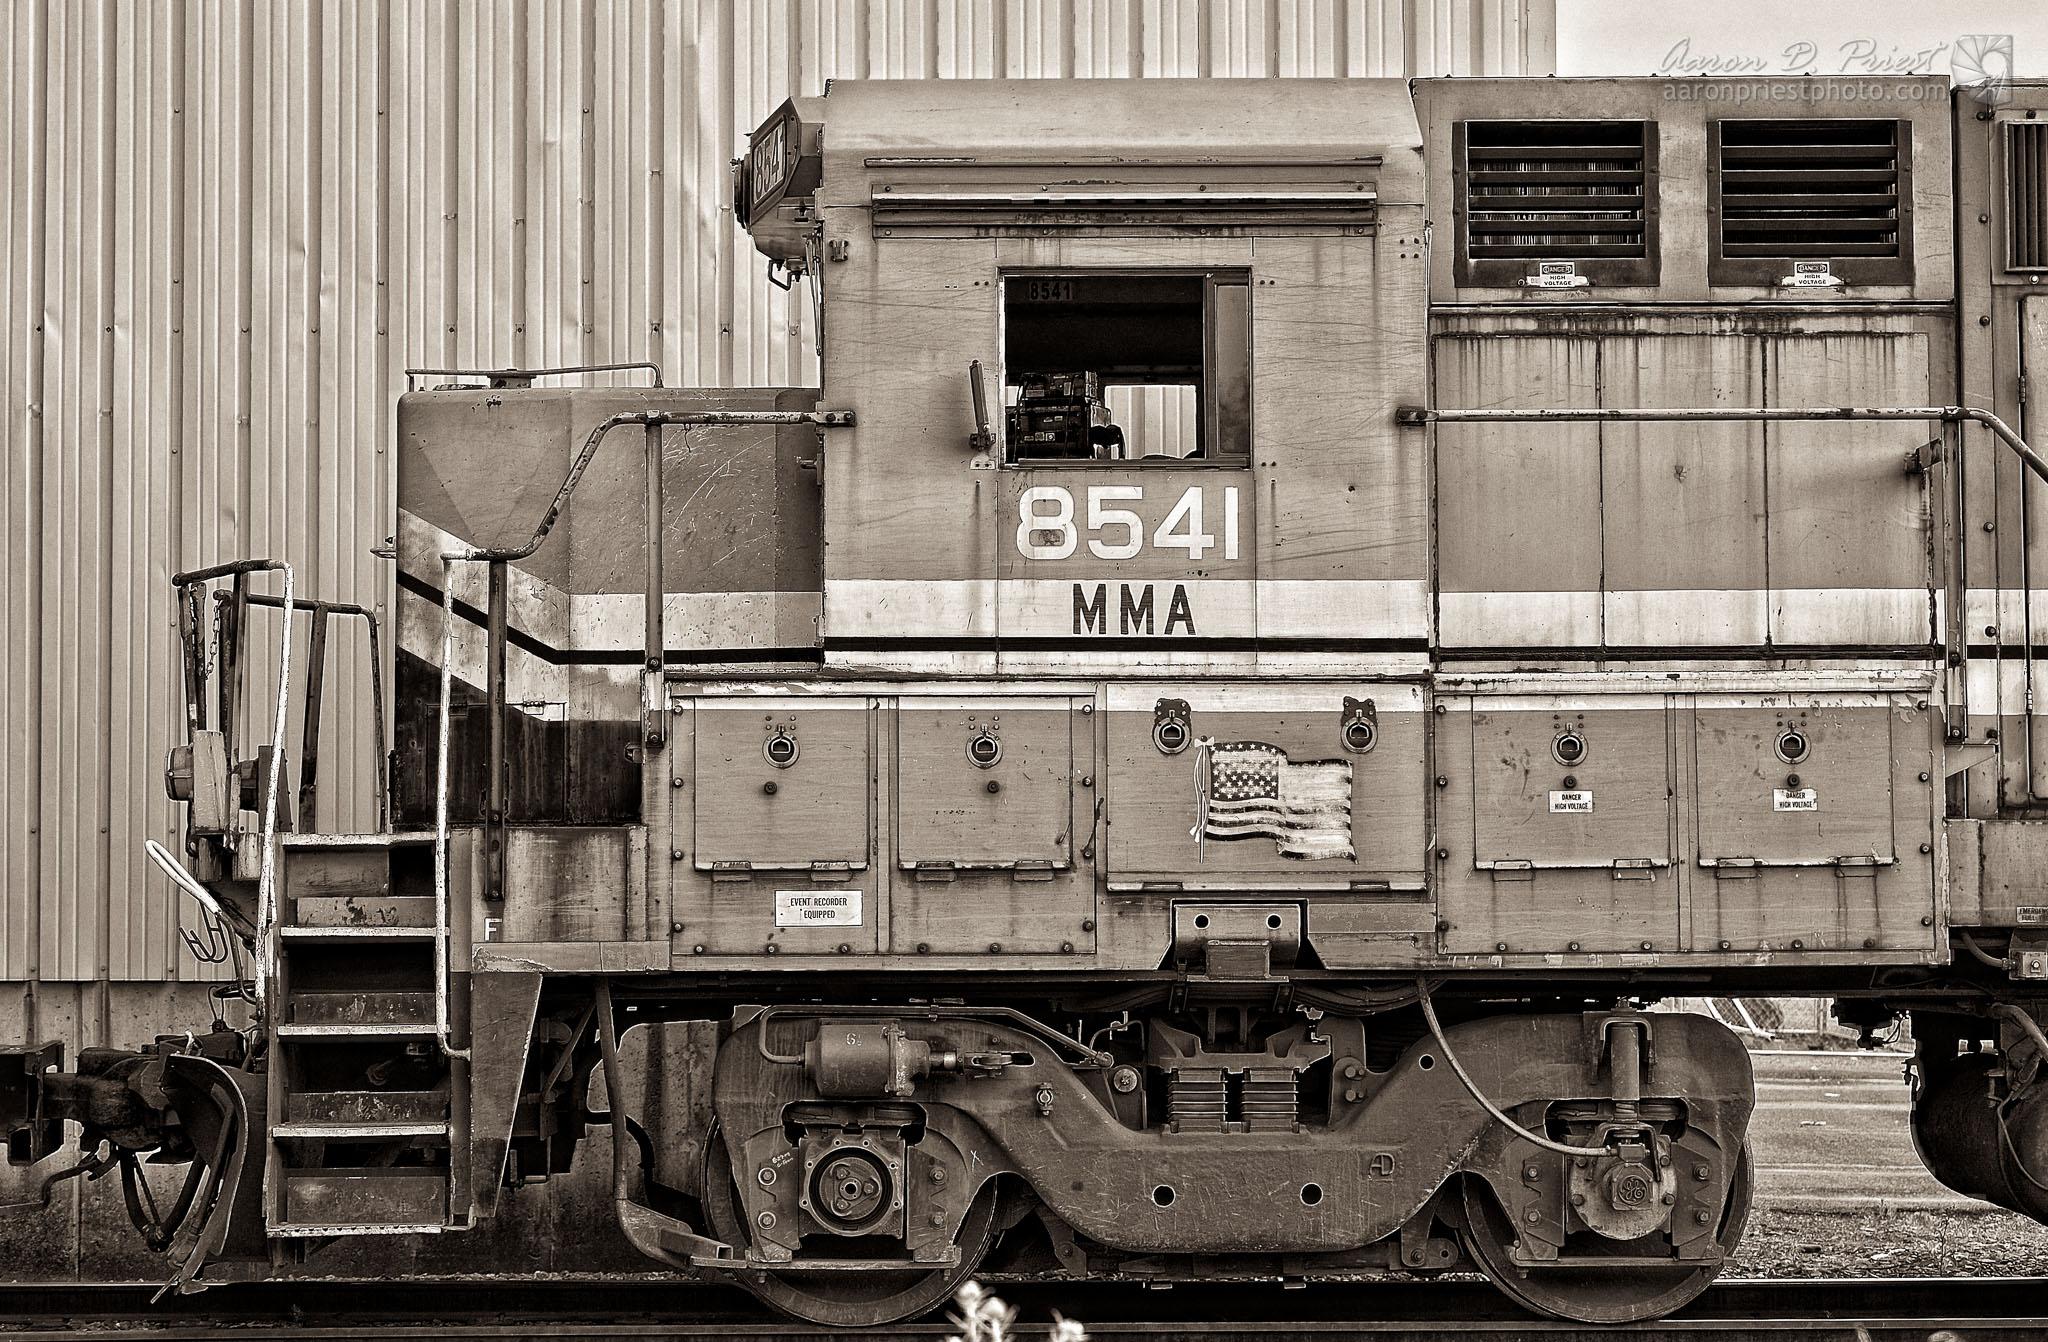 2011-07-21-41004.jpg